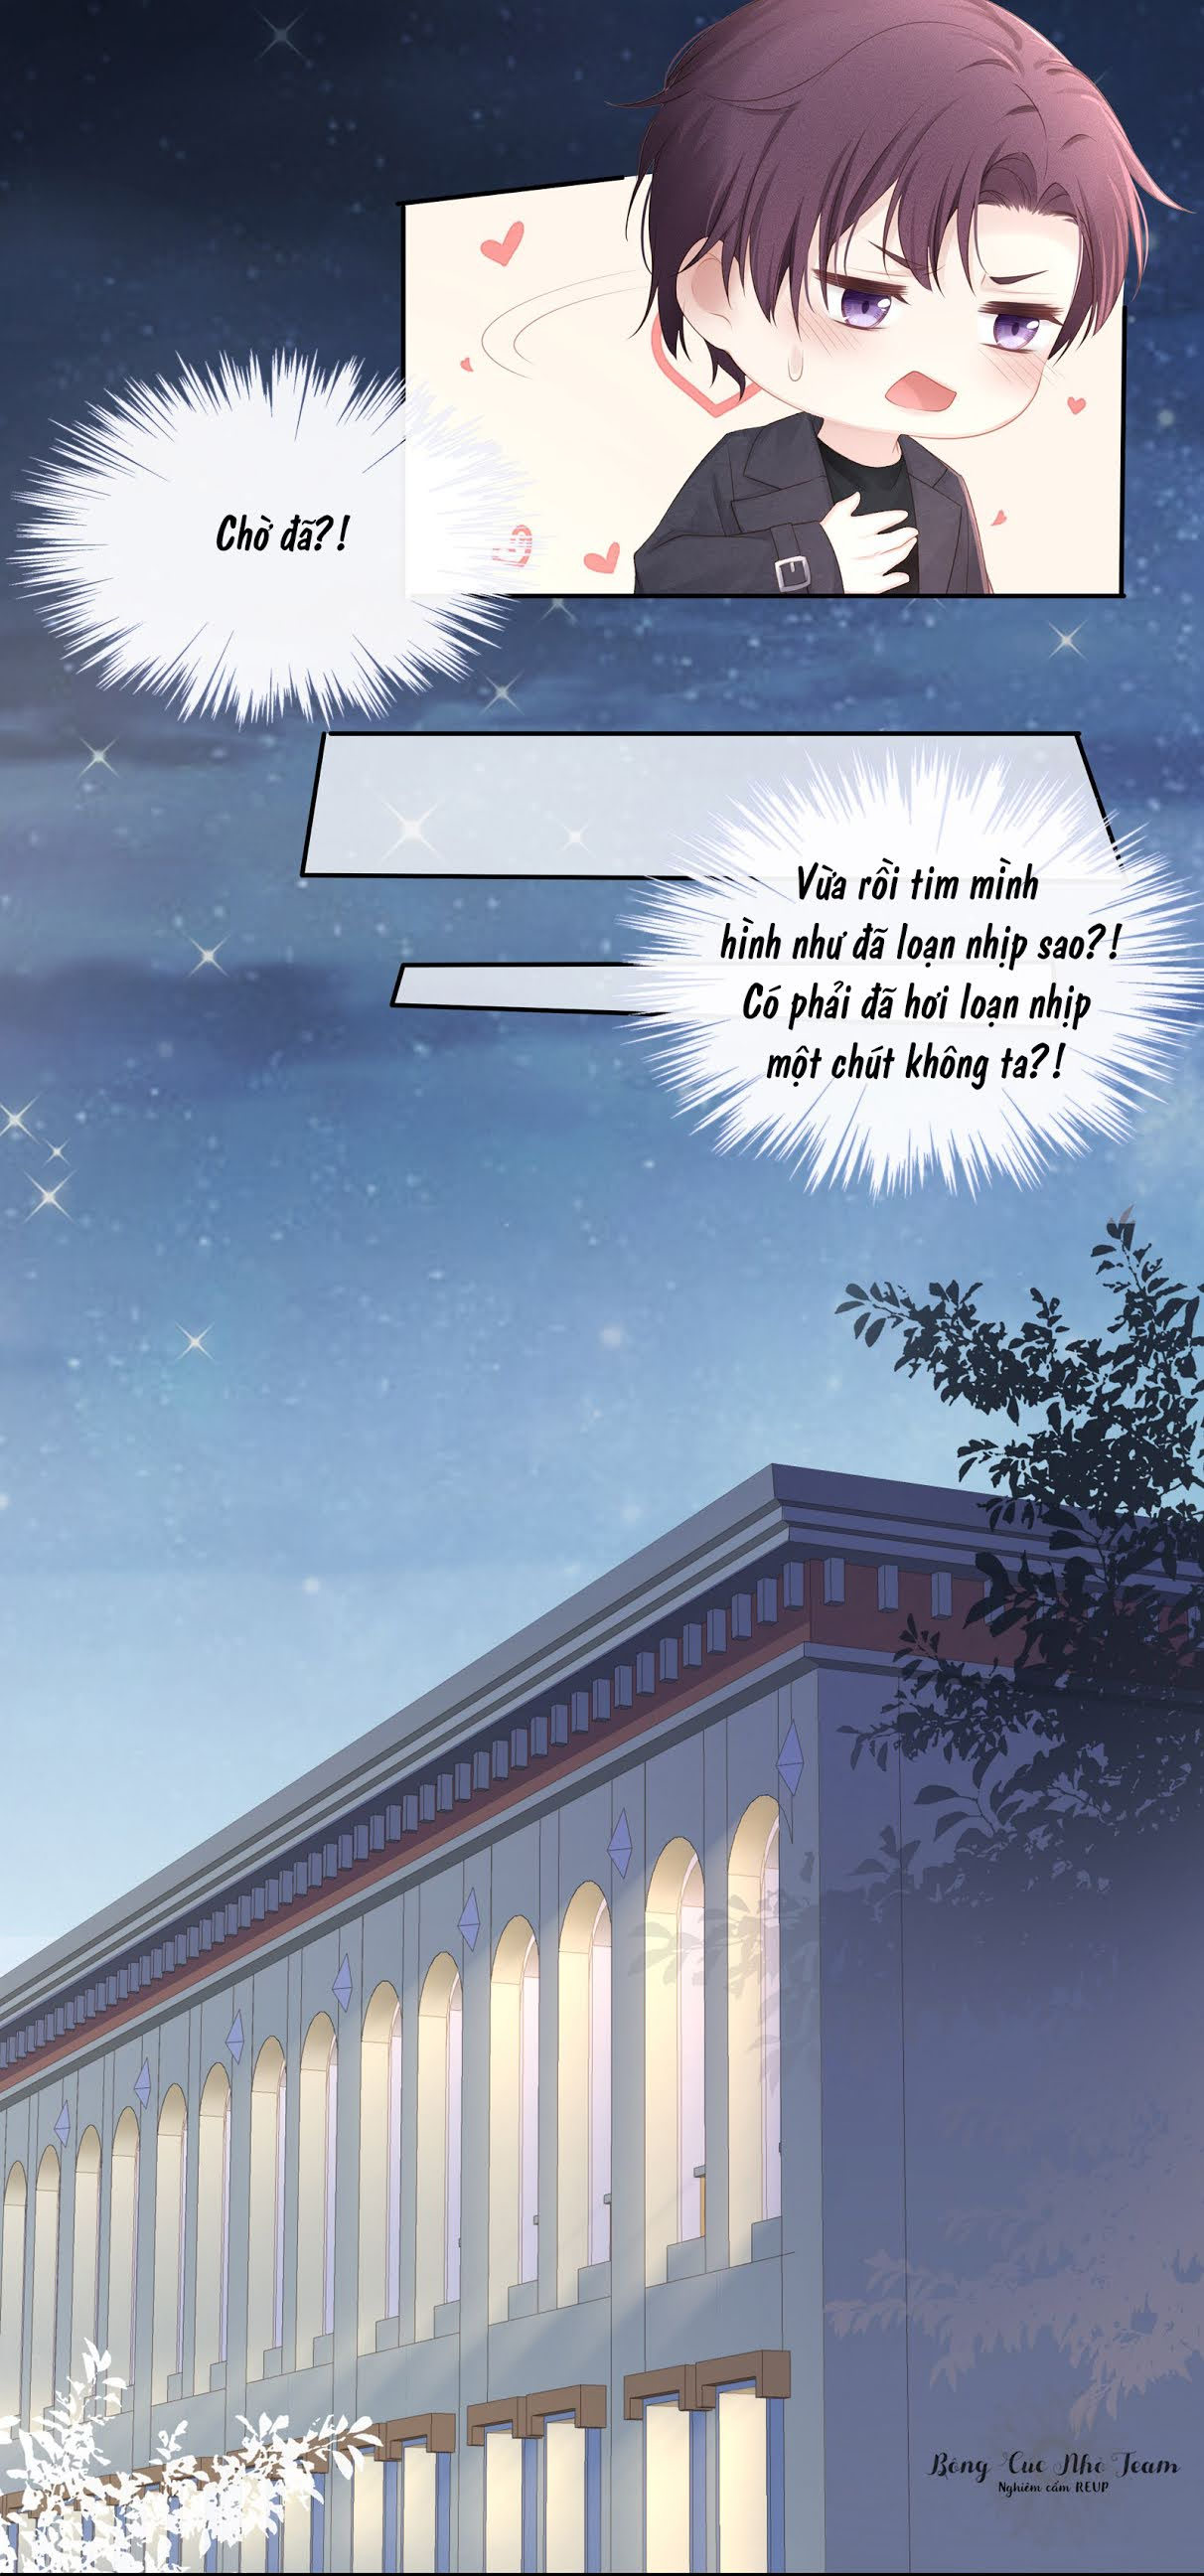 Tình Yêu Độc Quyền Chapter 12 - Trang 34